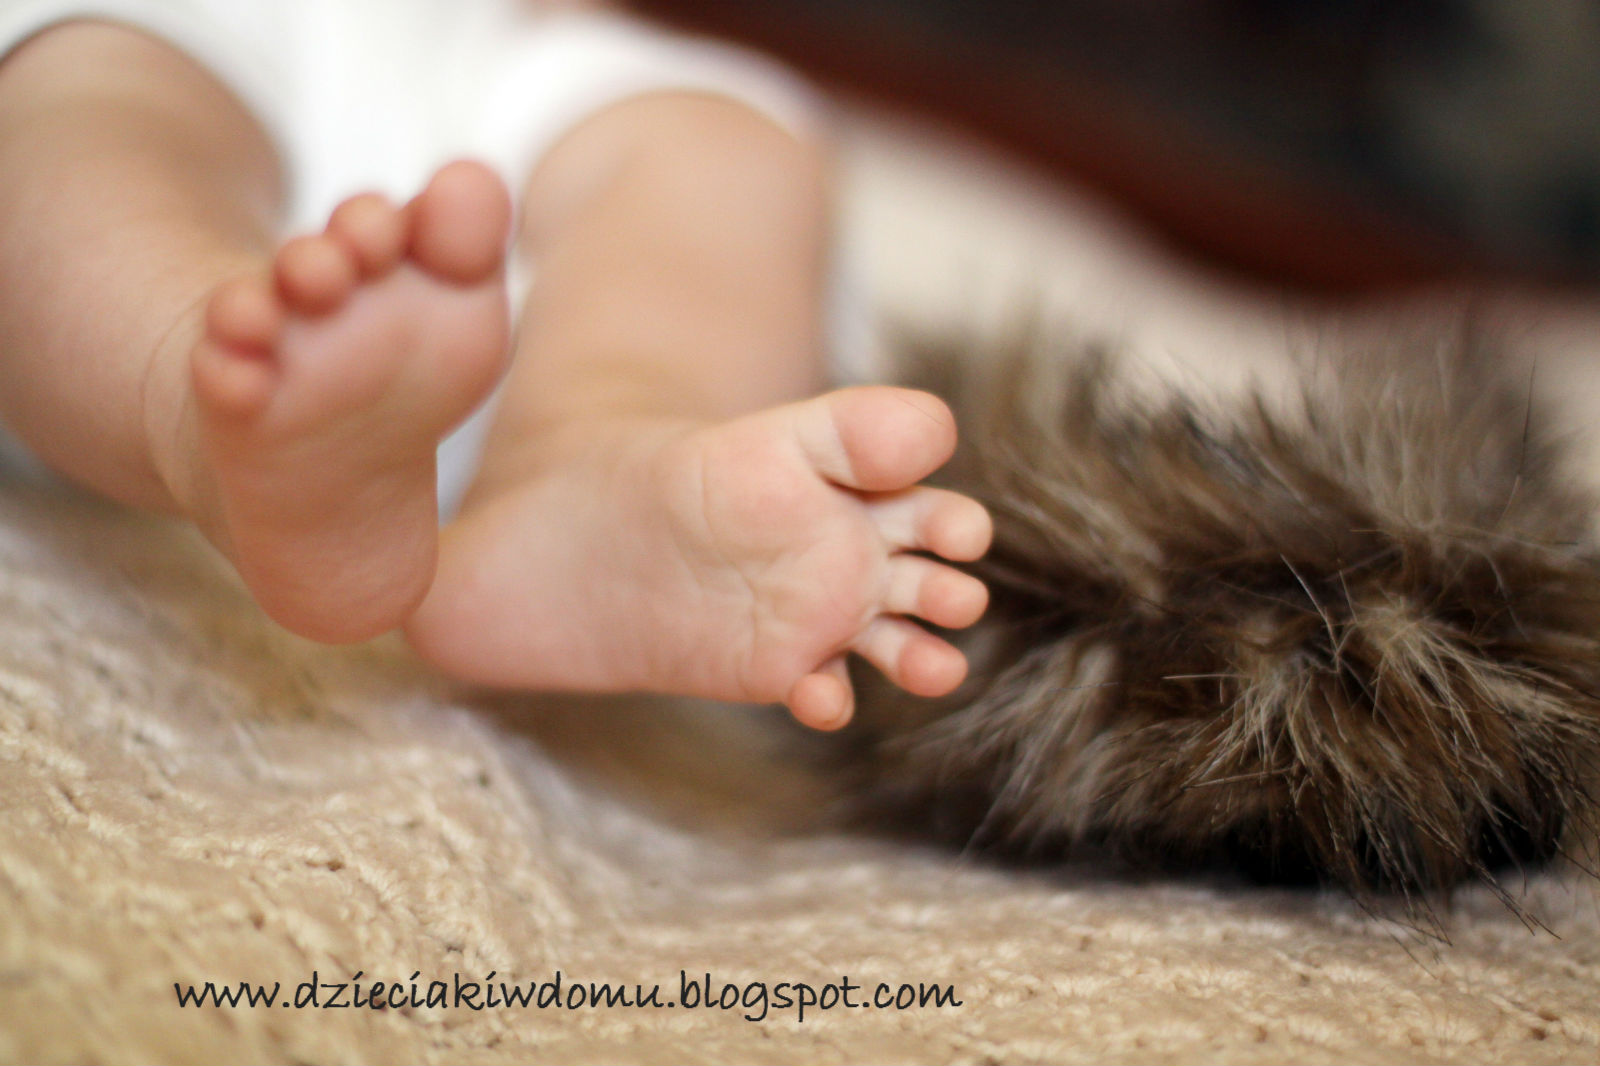 masaż stópek niemowlaka z wykorzystaniem różnych faktur